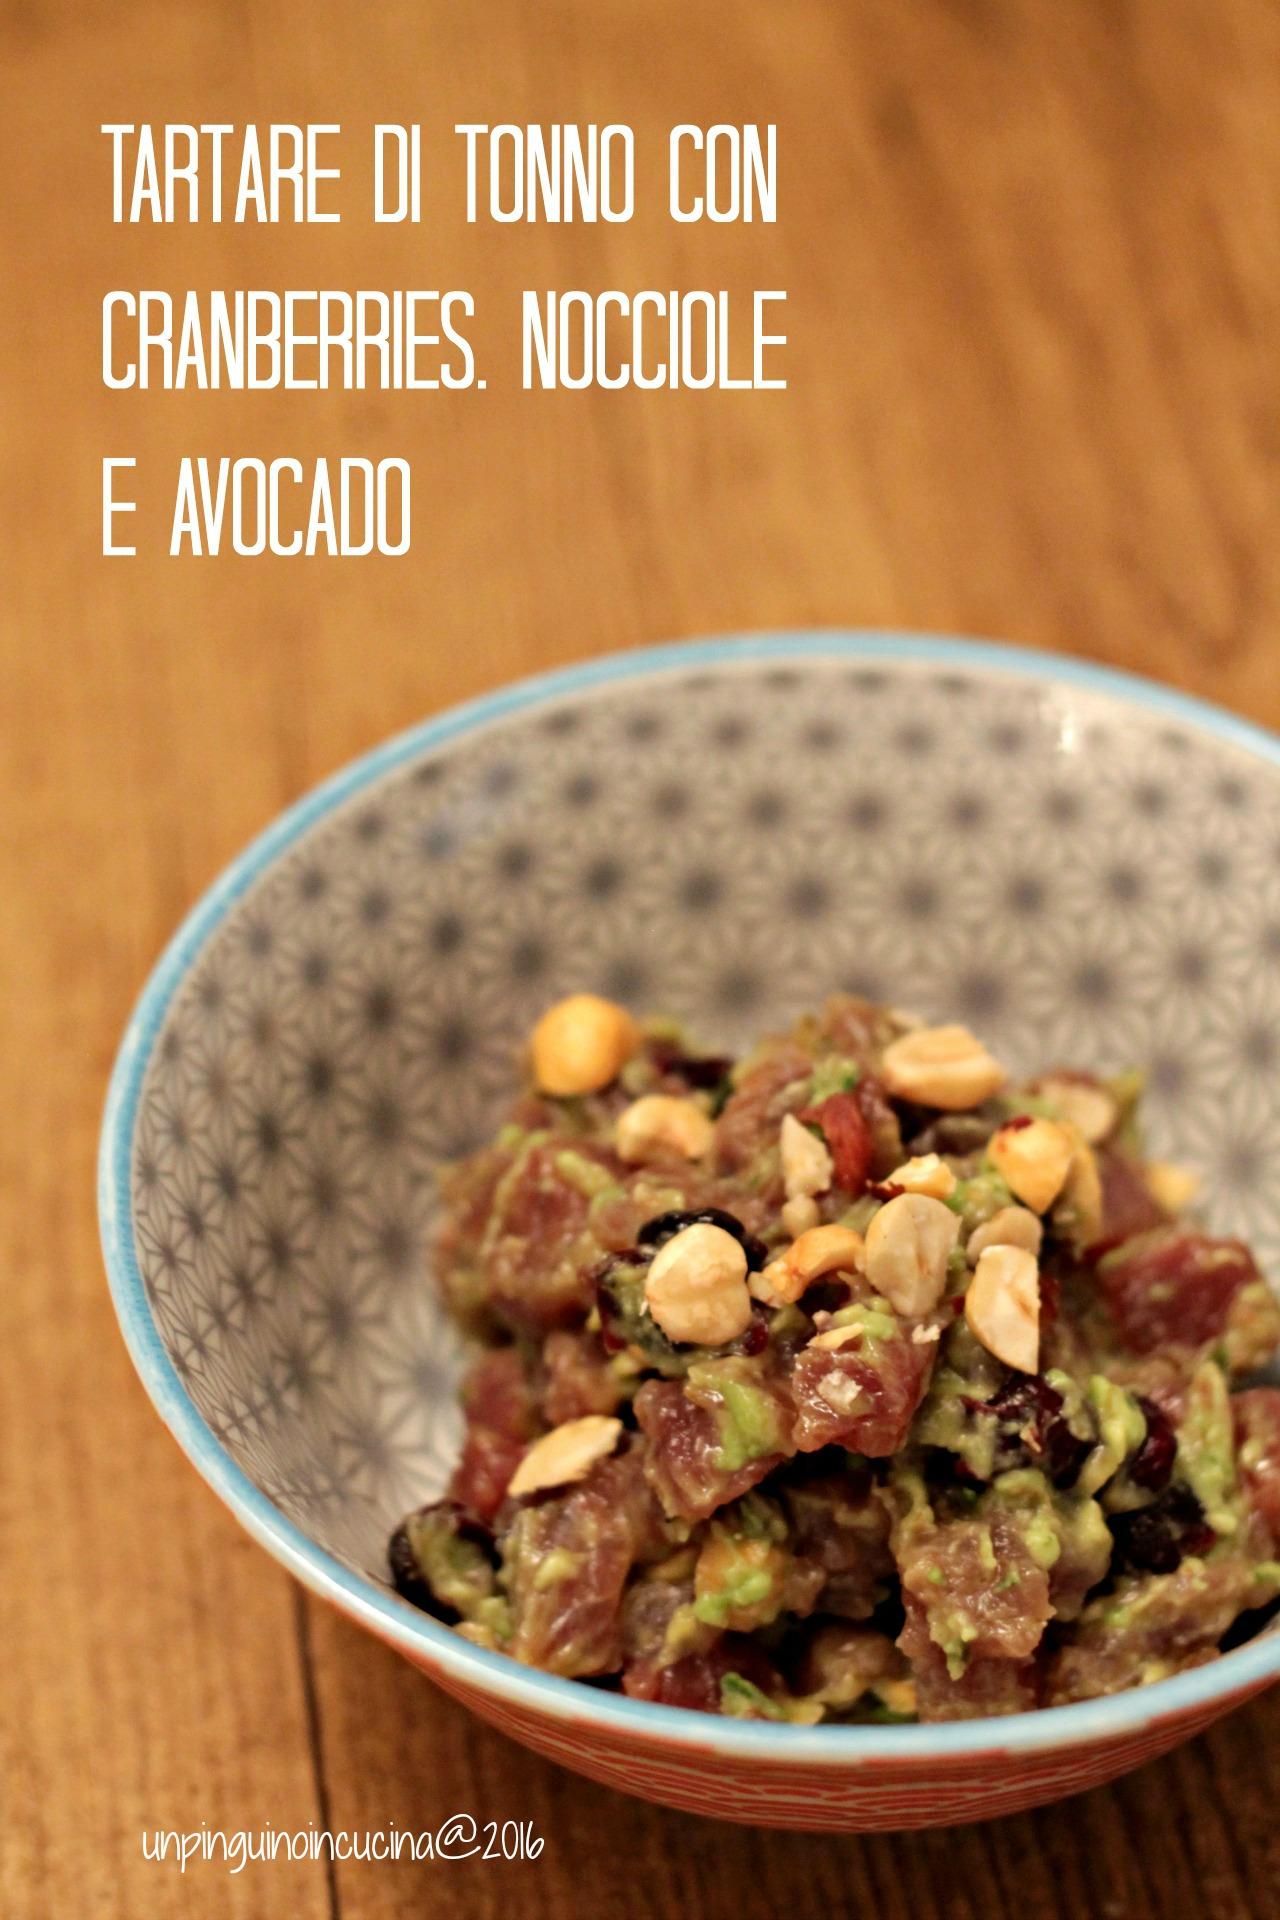 tartare-di-tonno-con-cranberries-nocciole-e-avocado